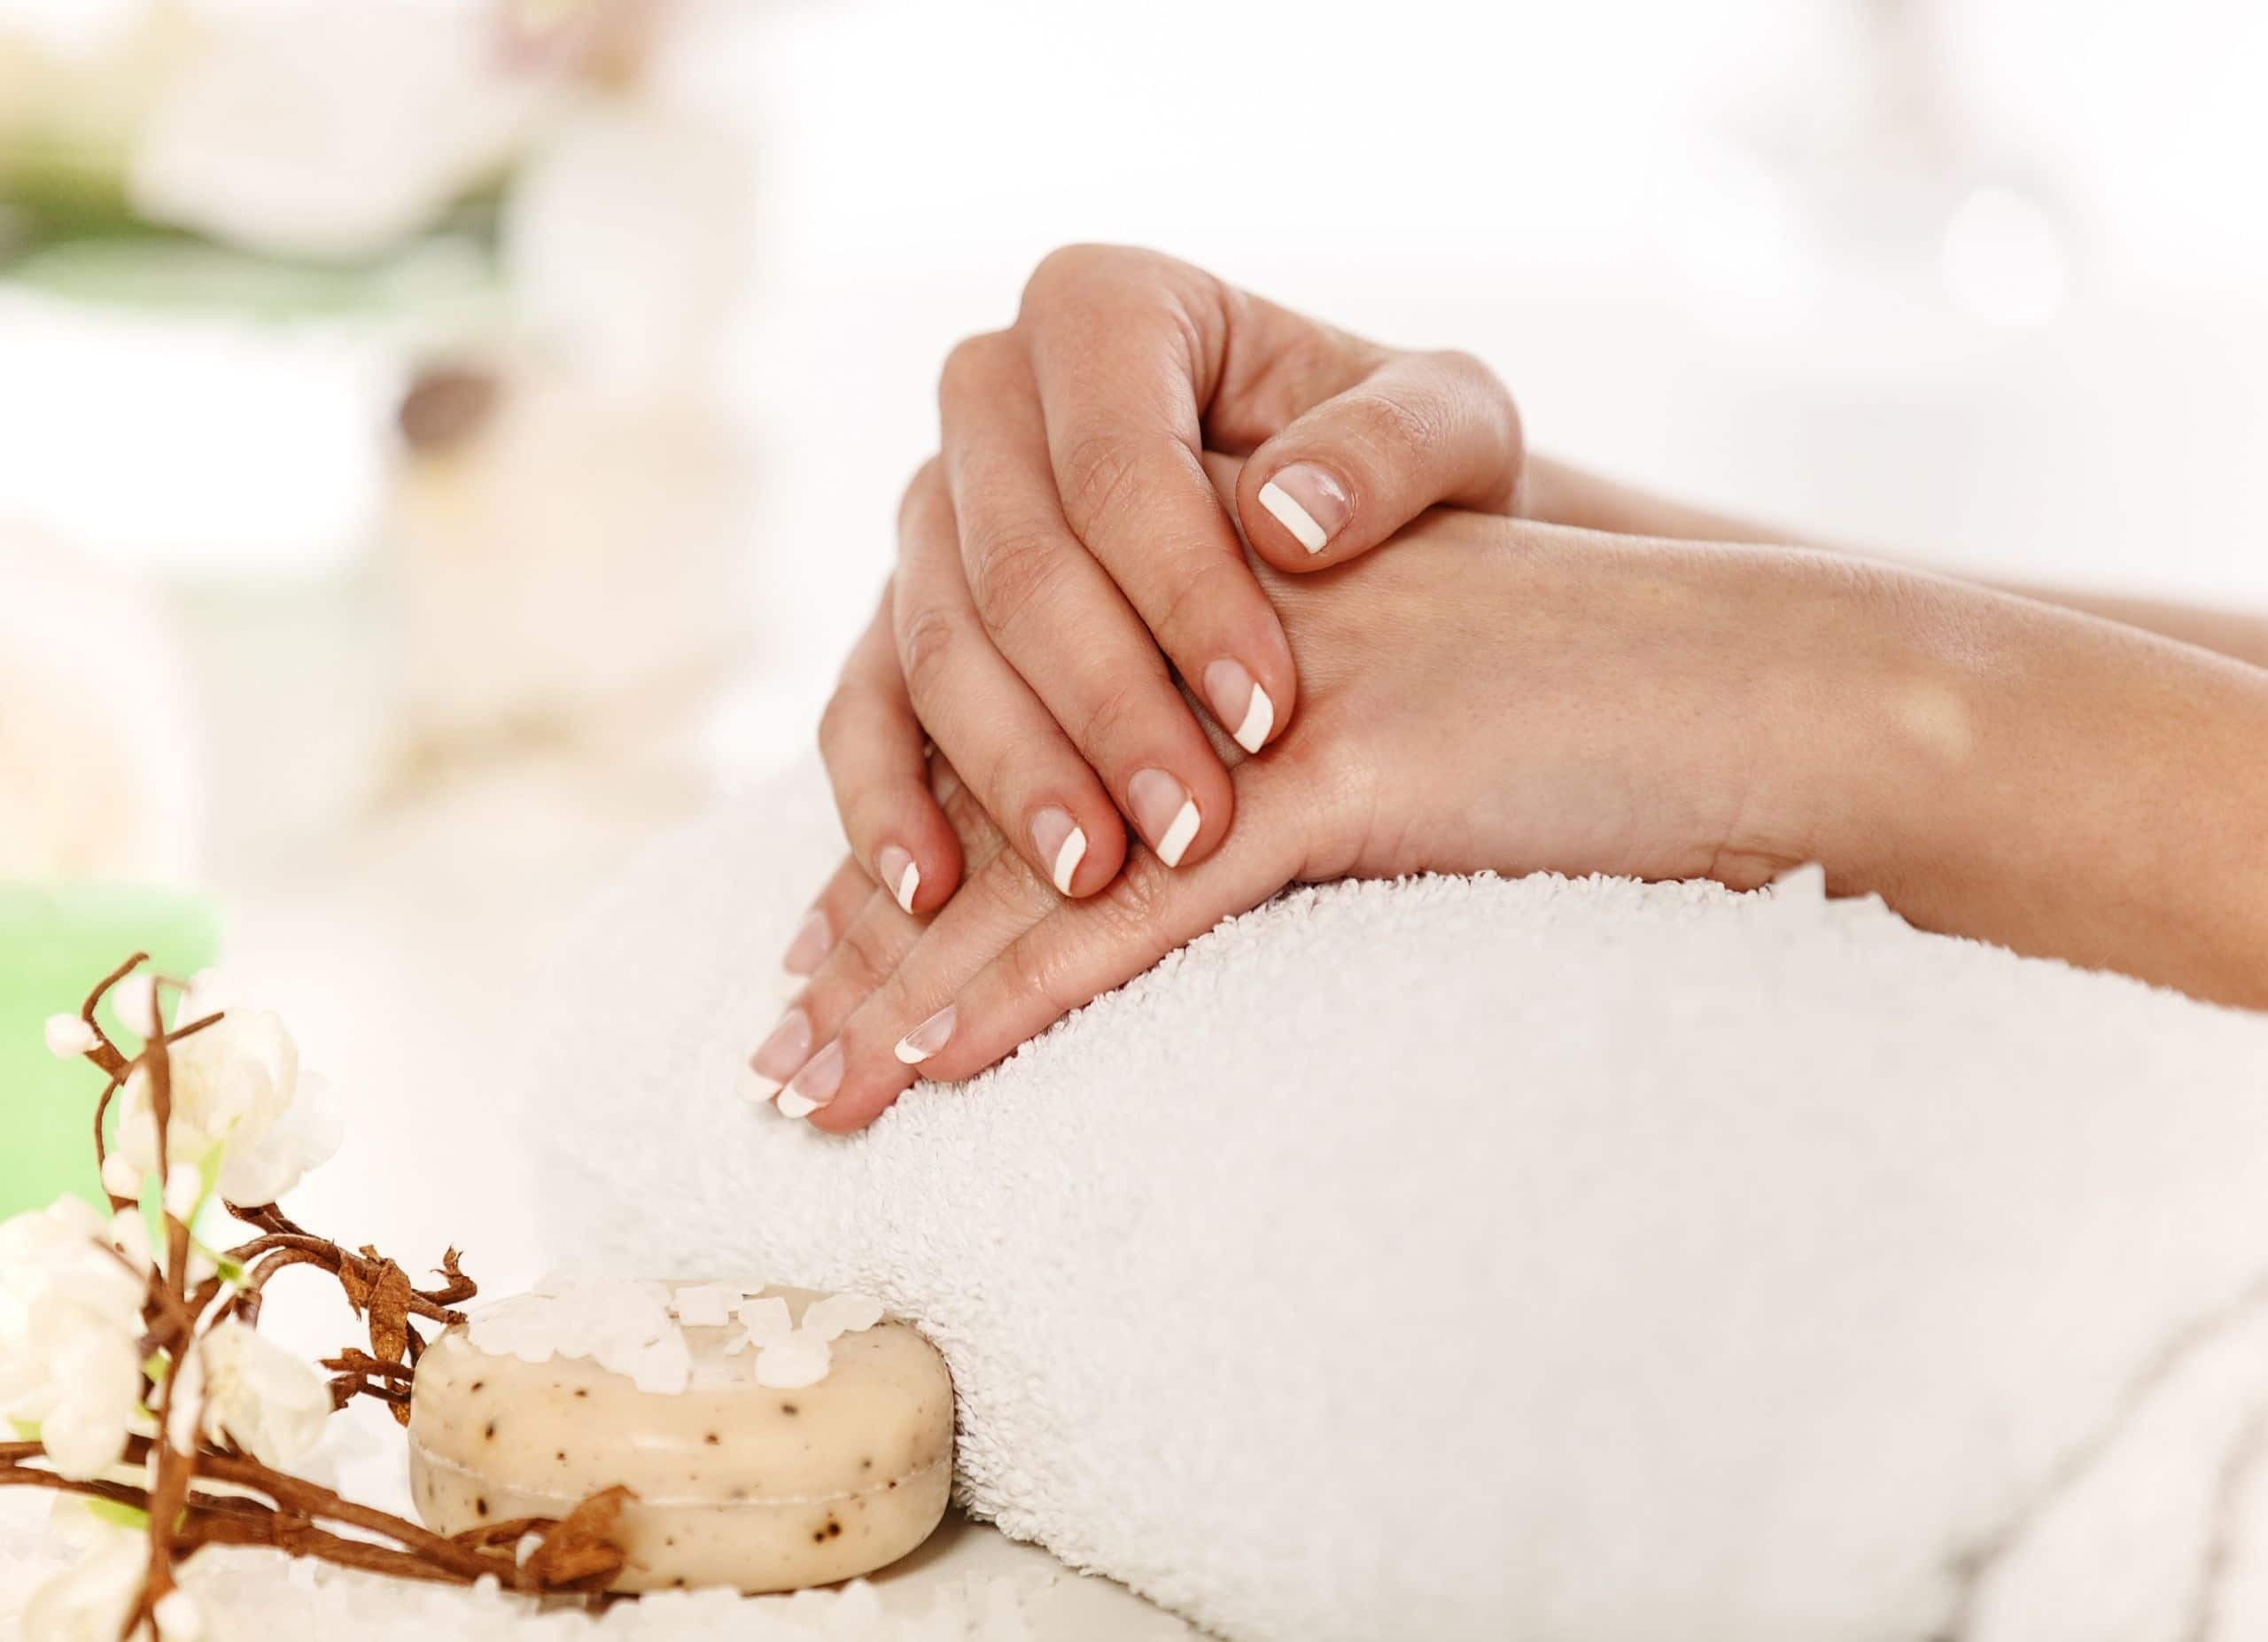 Wellness natural nail manicure at day spa